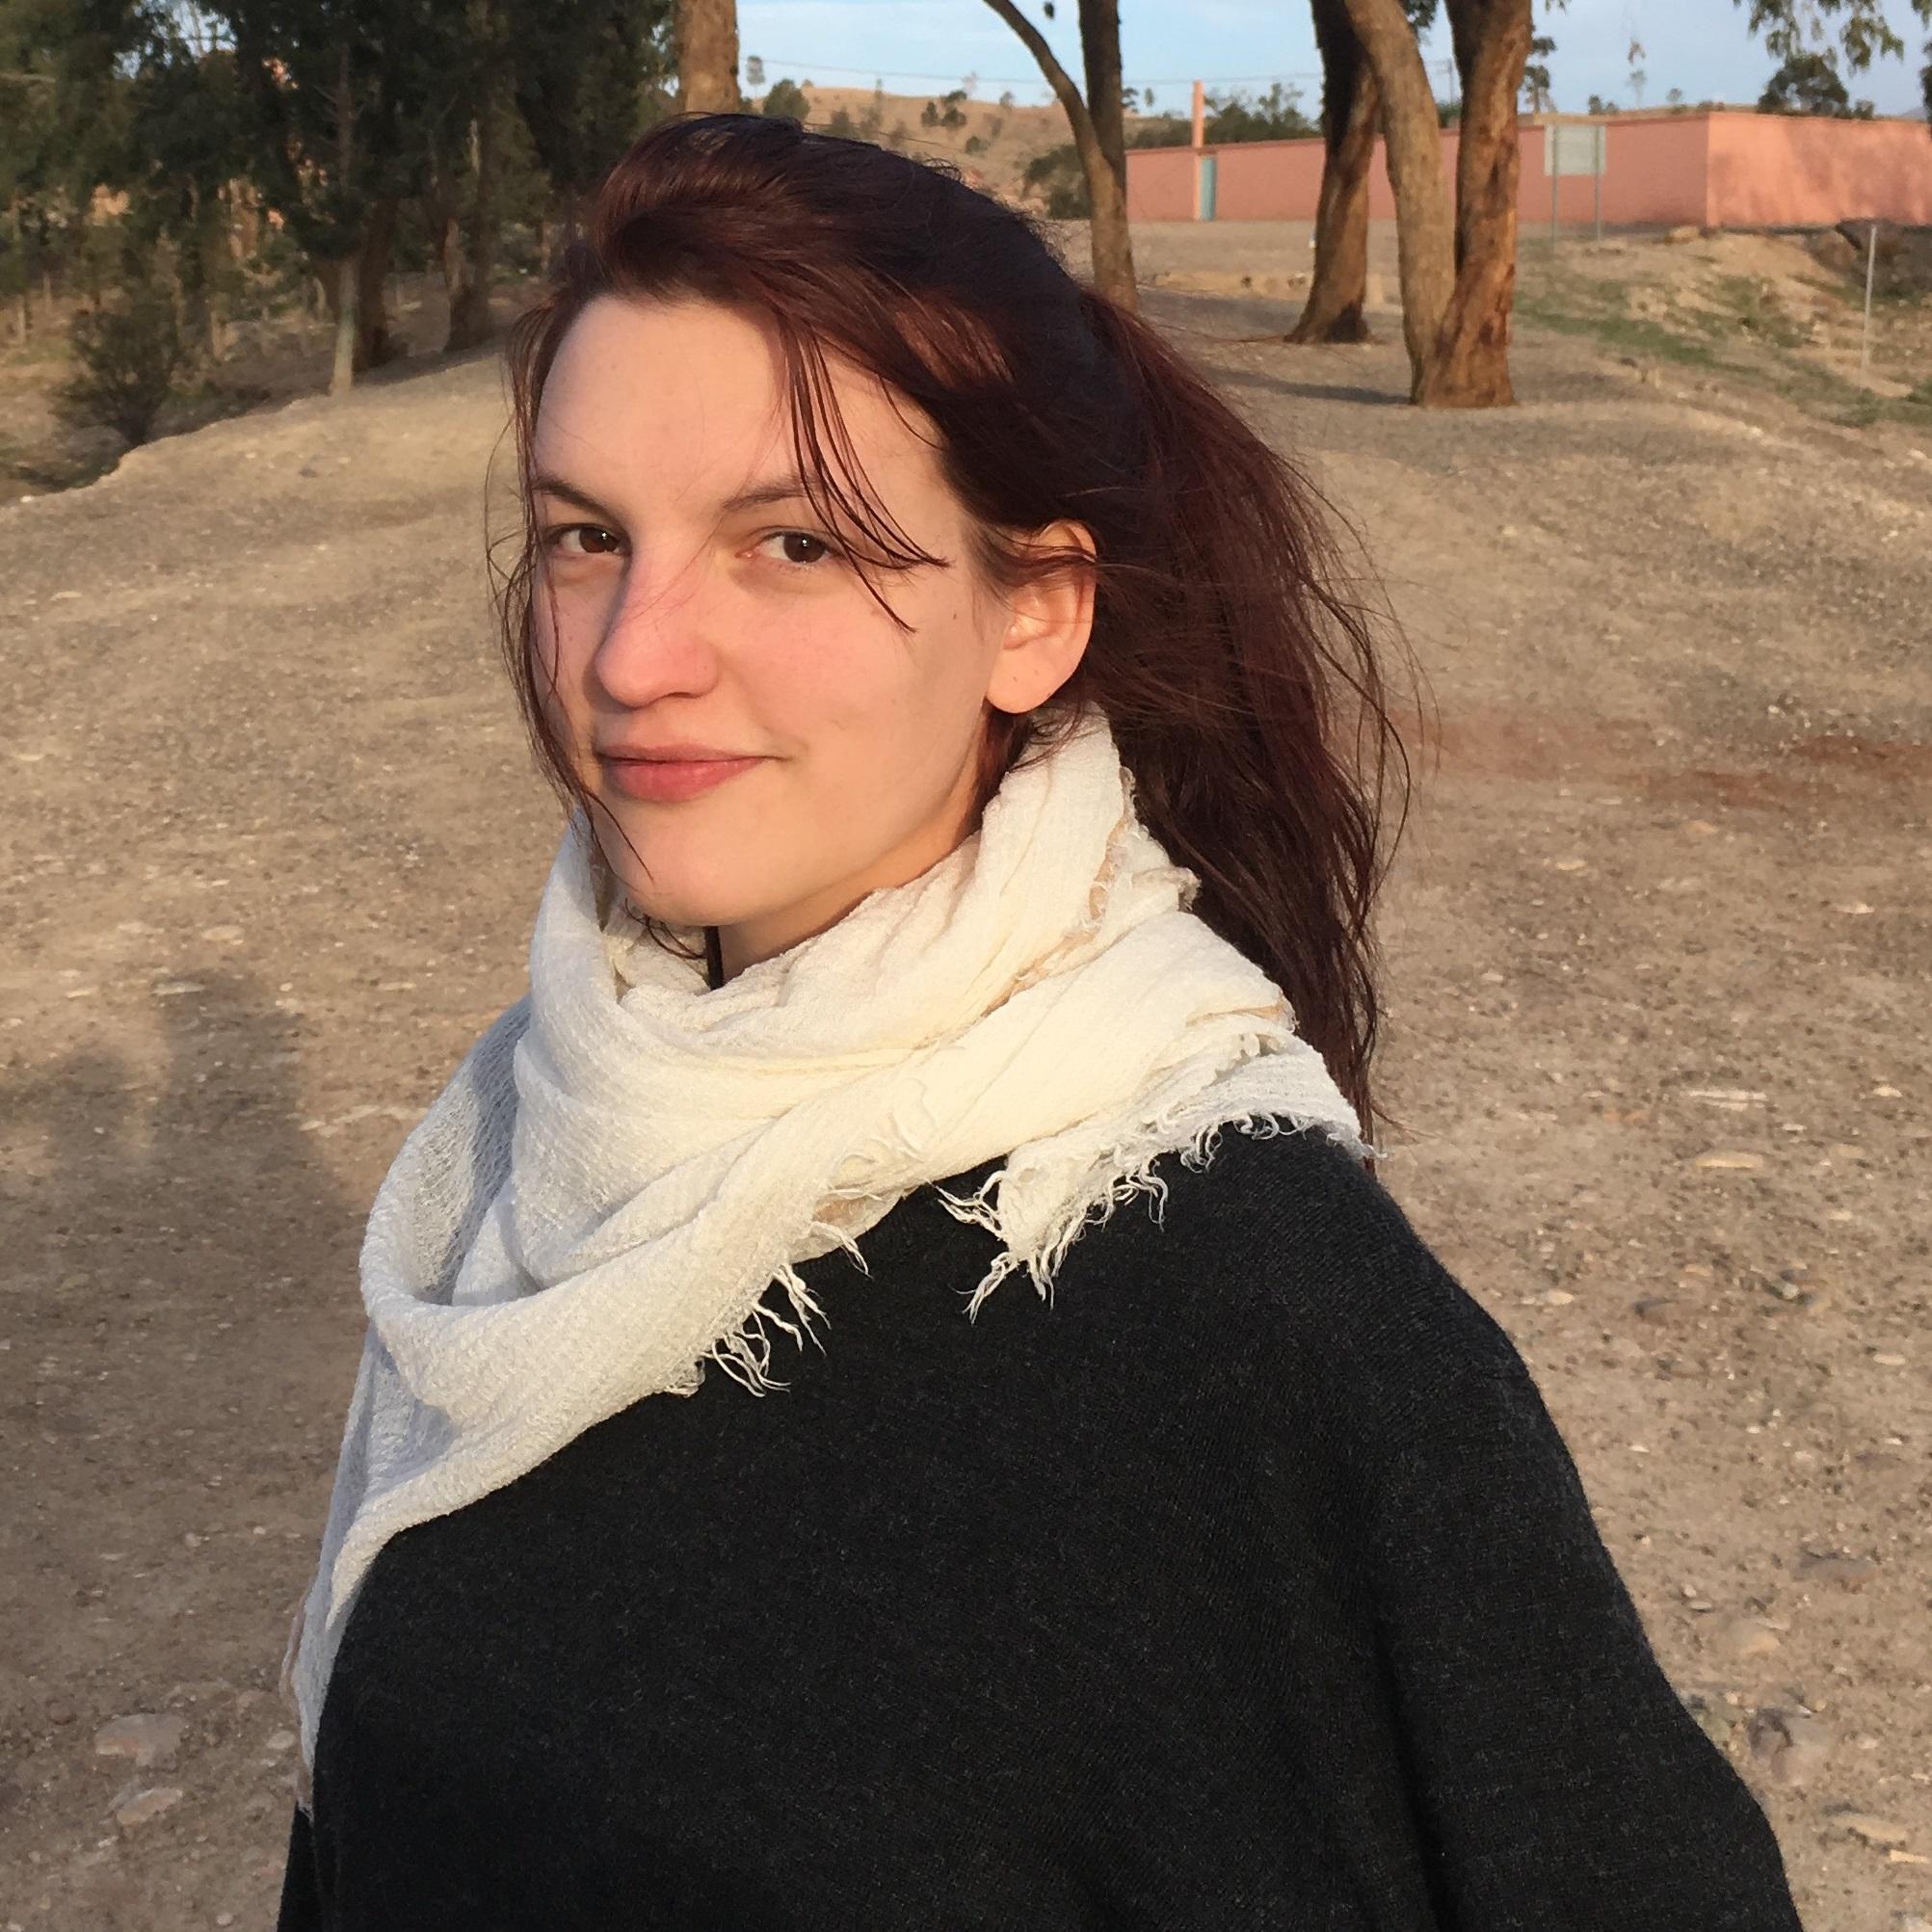 Ariane Mérillat